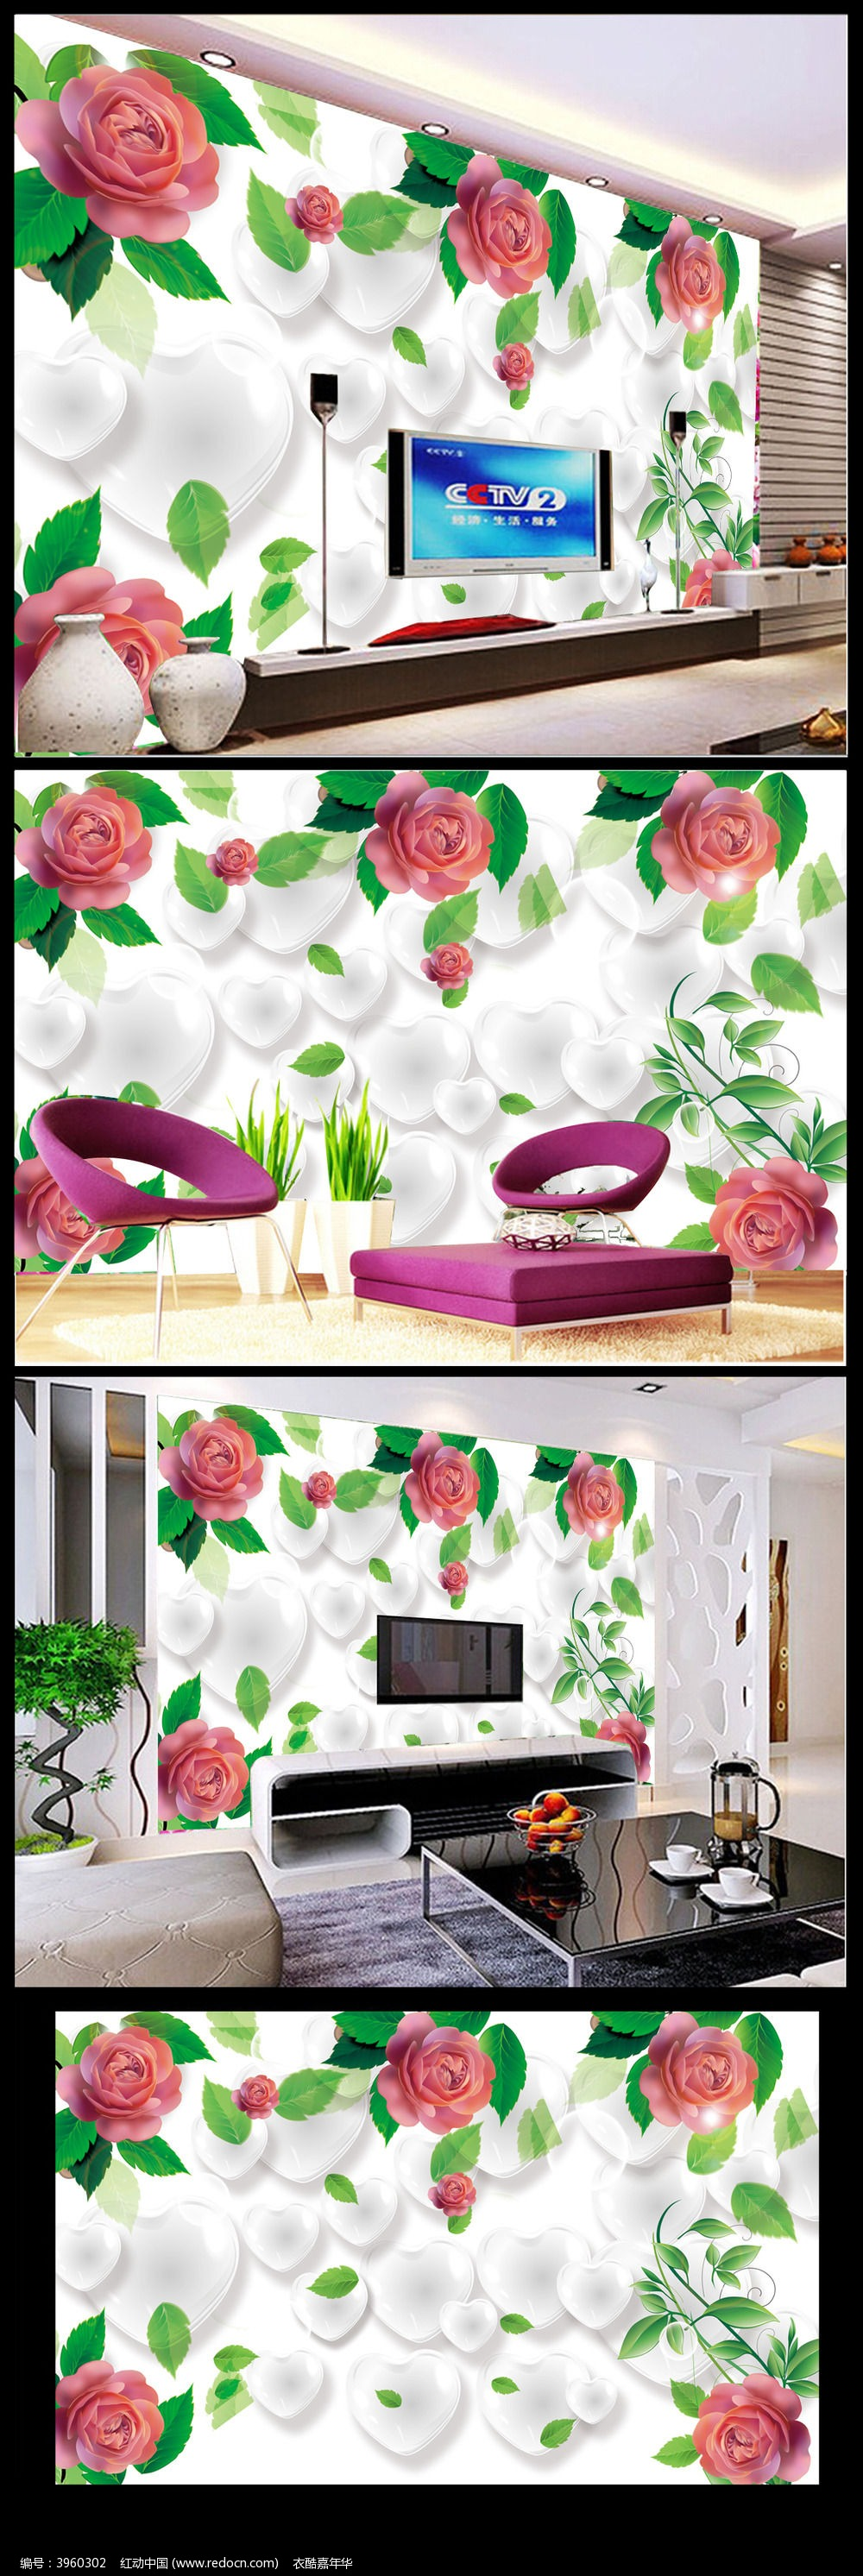 玫瑰乐园浪漫3D电视背景墙图片